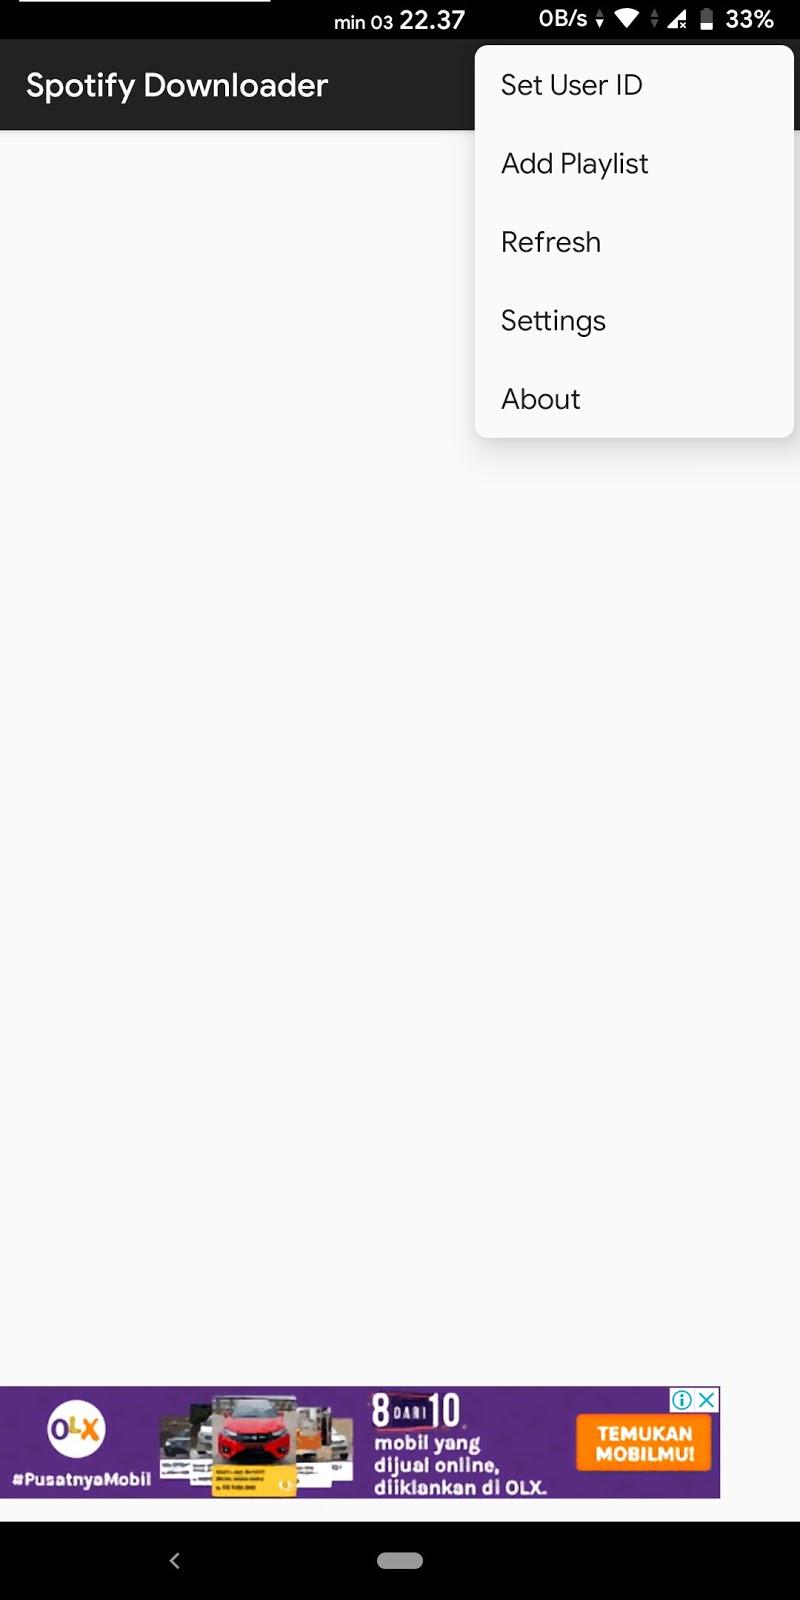 cara download lagu itunes gratis di android